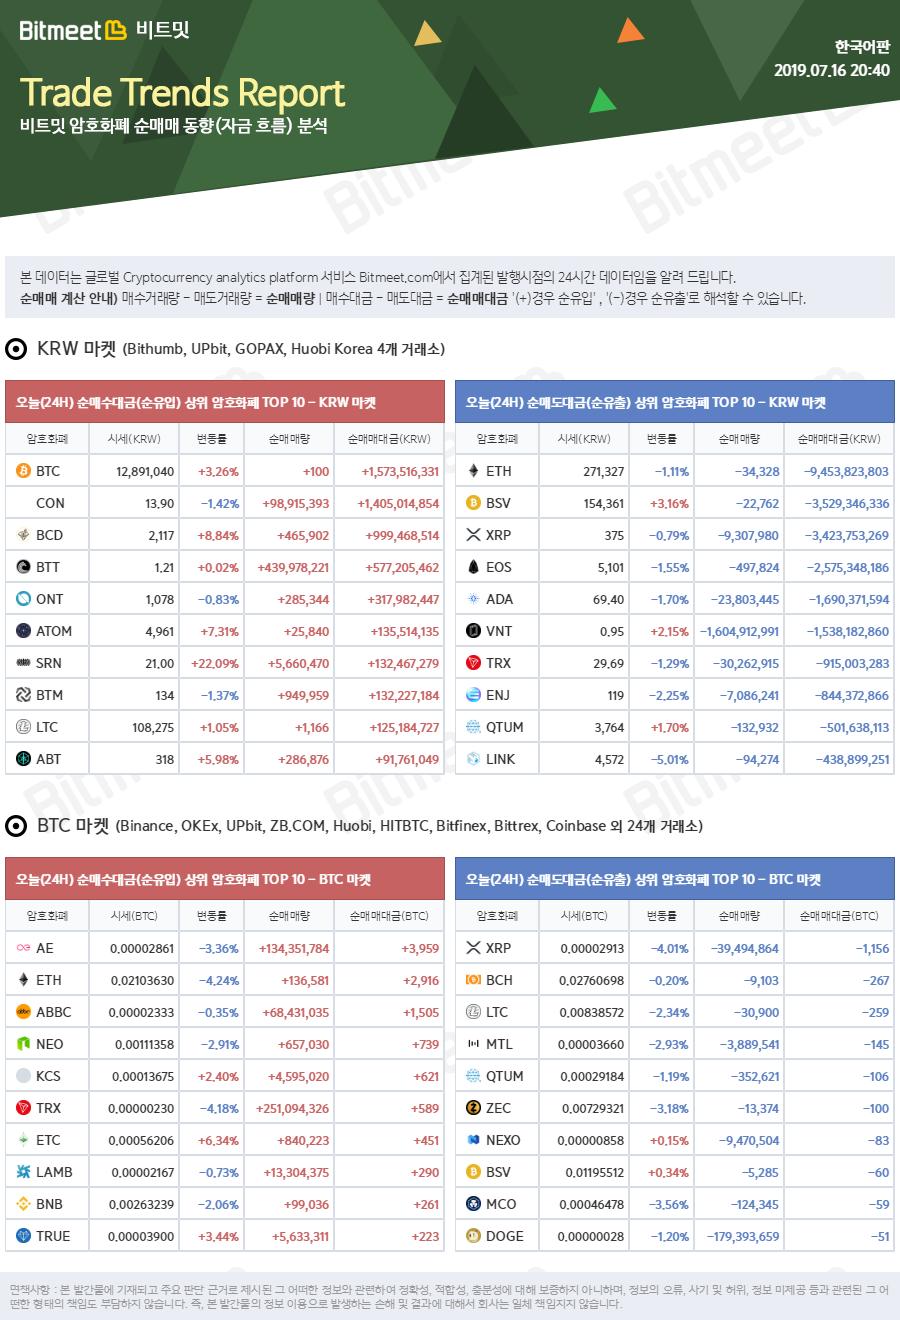 bitmeet_trends_report_2019-07-16_08_40_58.png